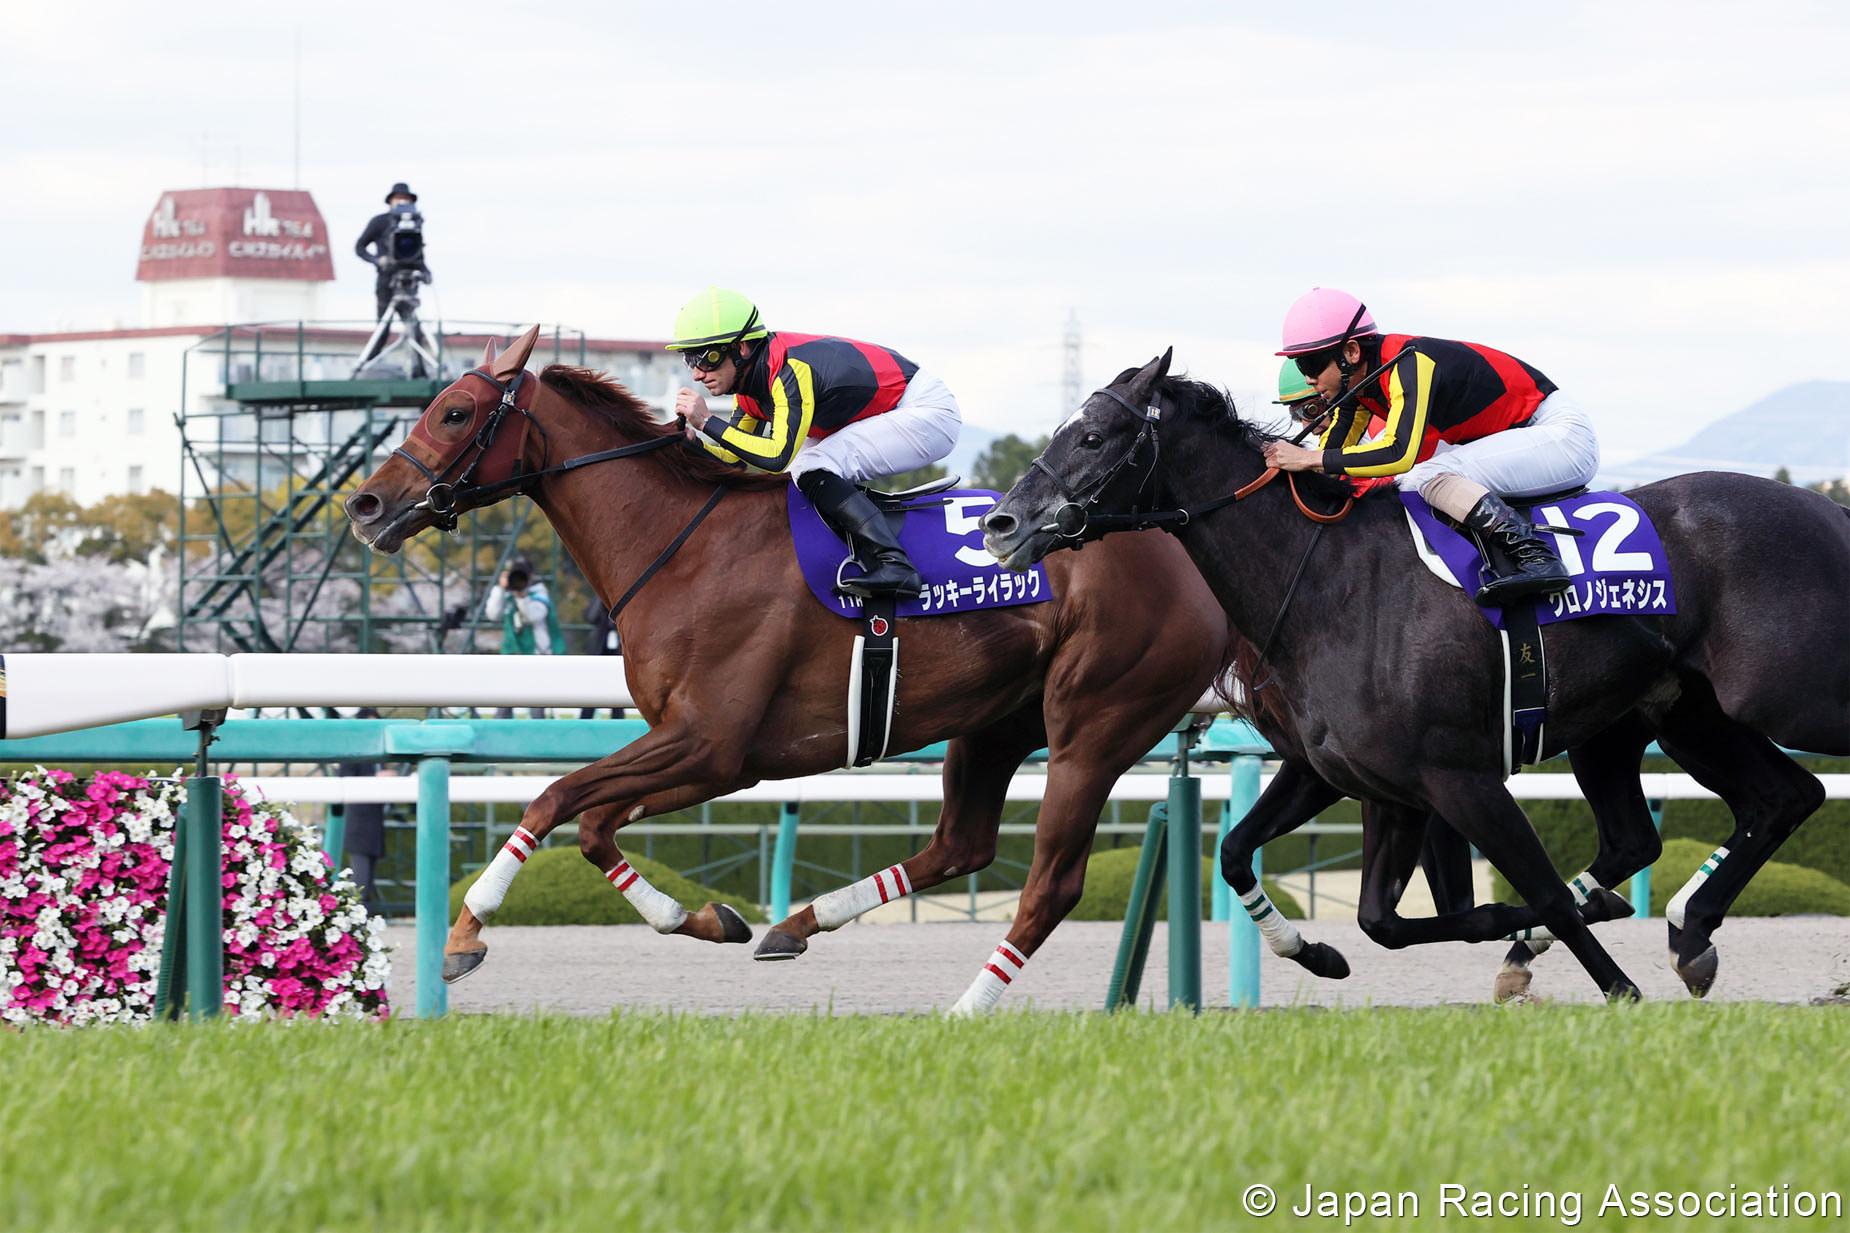 ラッキーライラックが大阪杯(GI)制覇で3っつめのGI タイトルを手中に © JRA